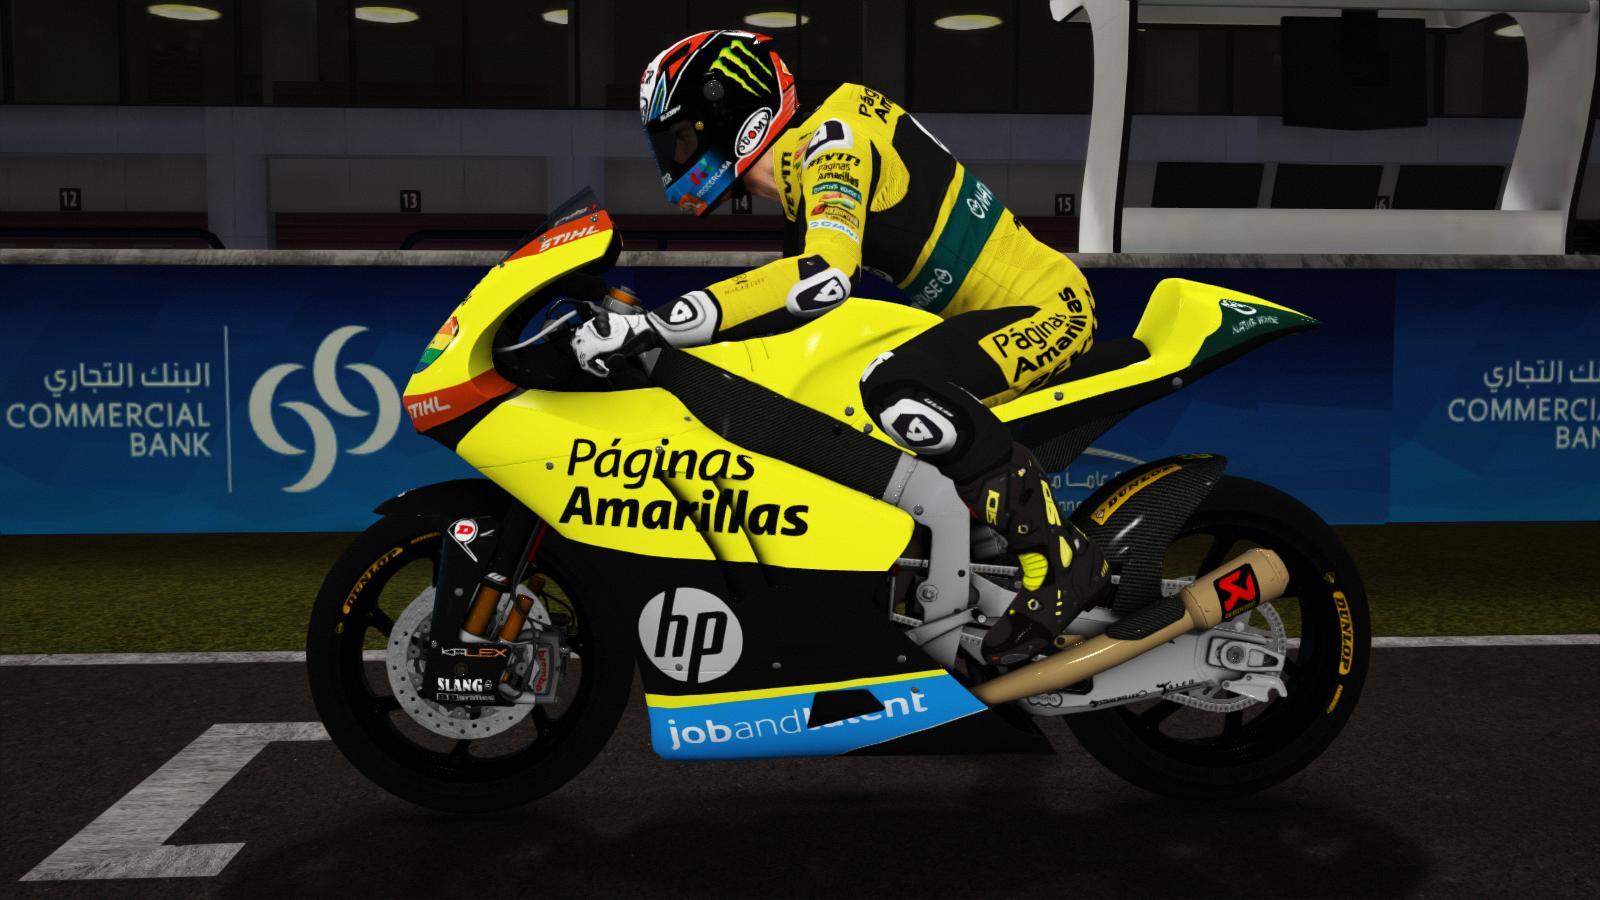 MotoGP15X64 2016-03-23 19-23-45-42.jpg